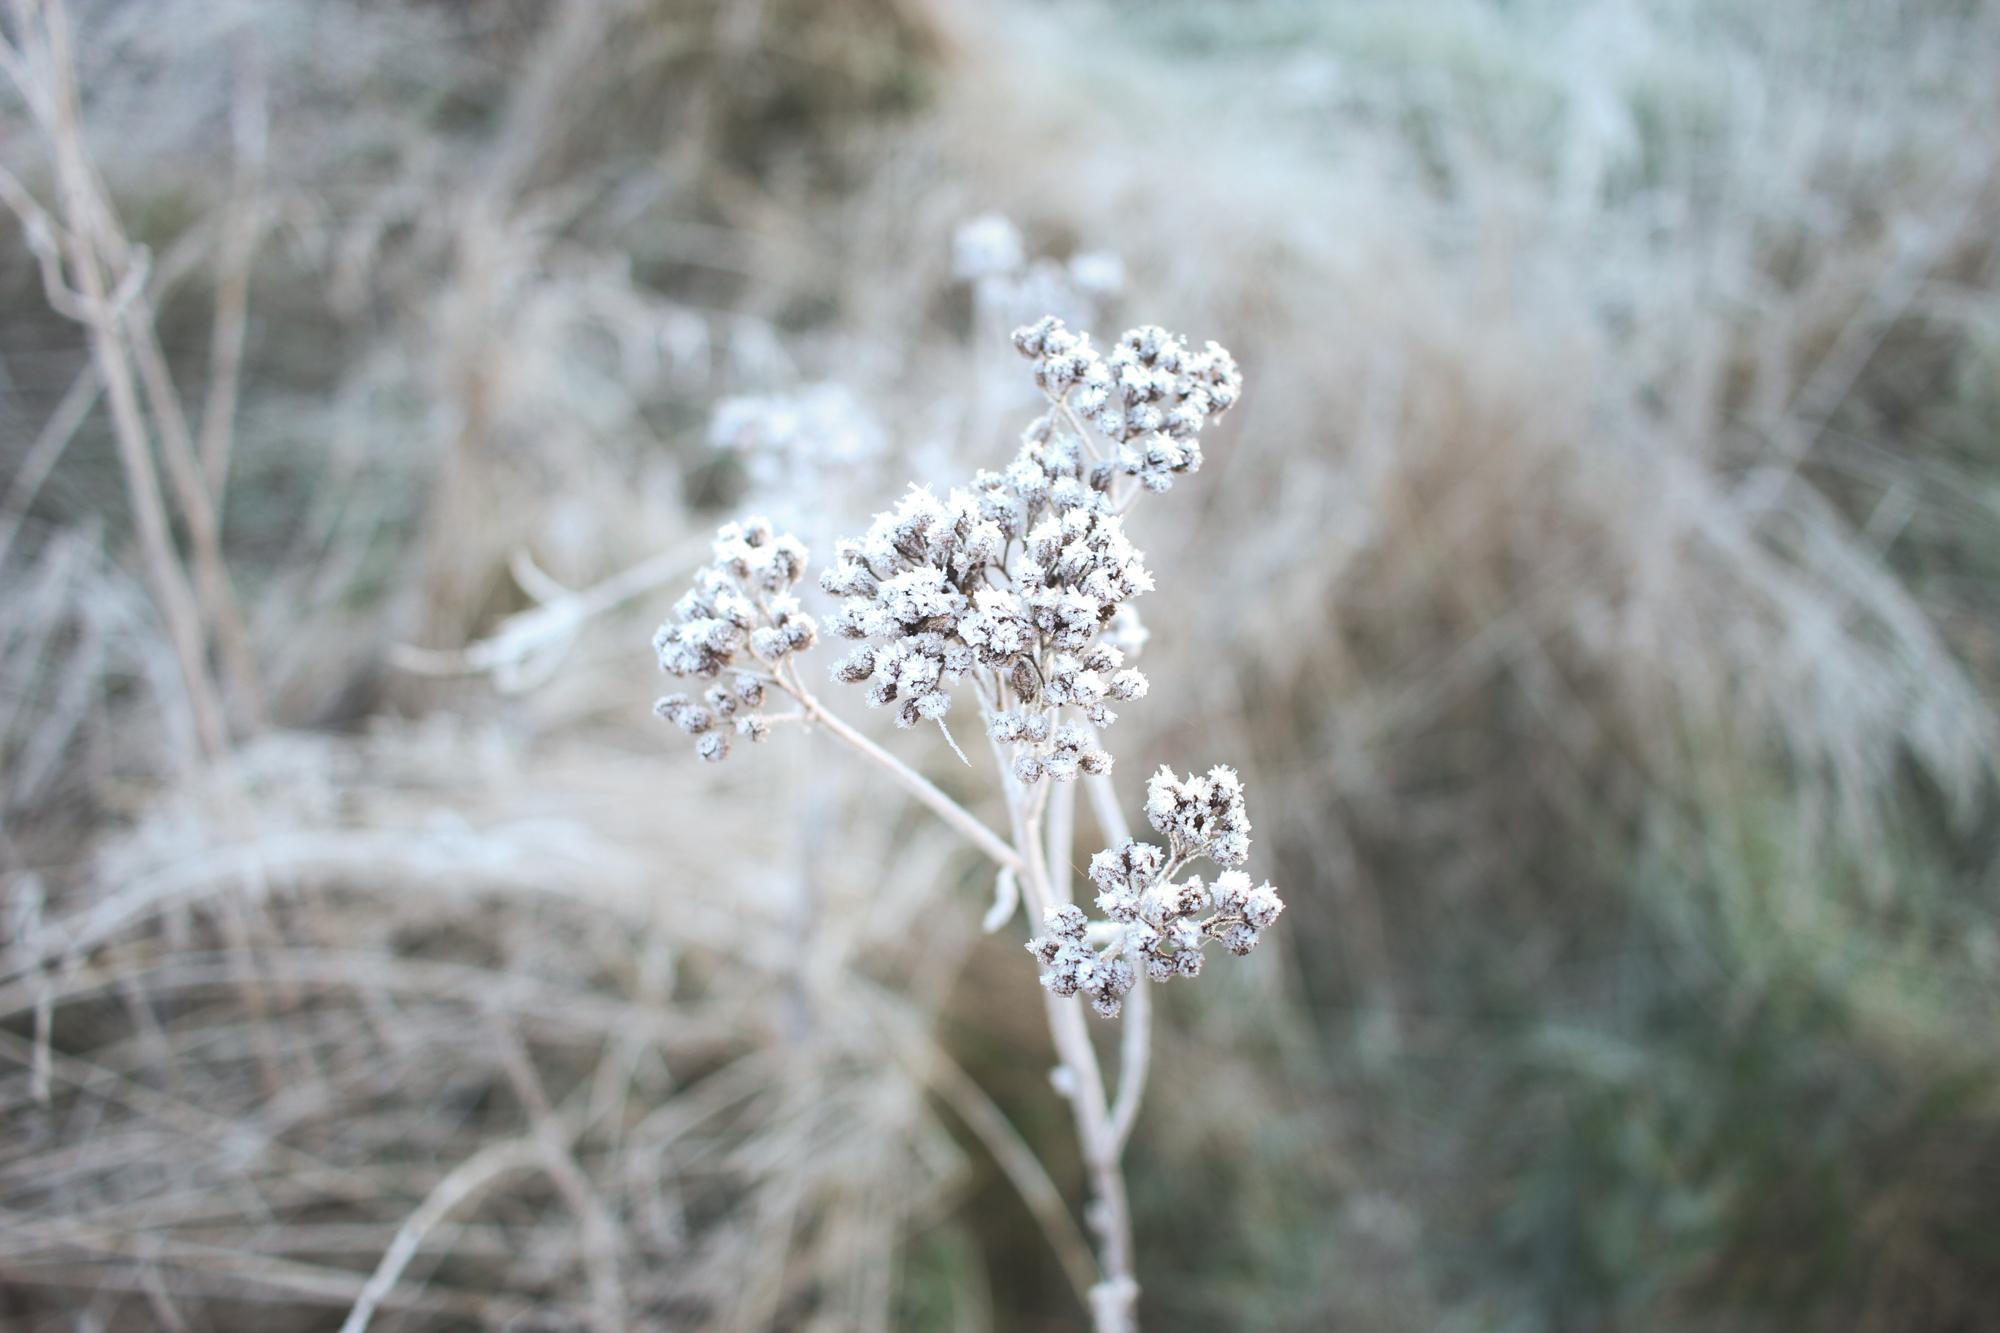 Winter Frost on Flowers